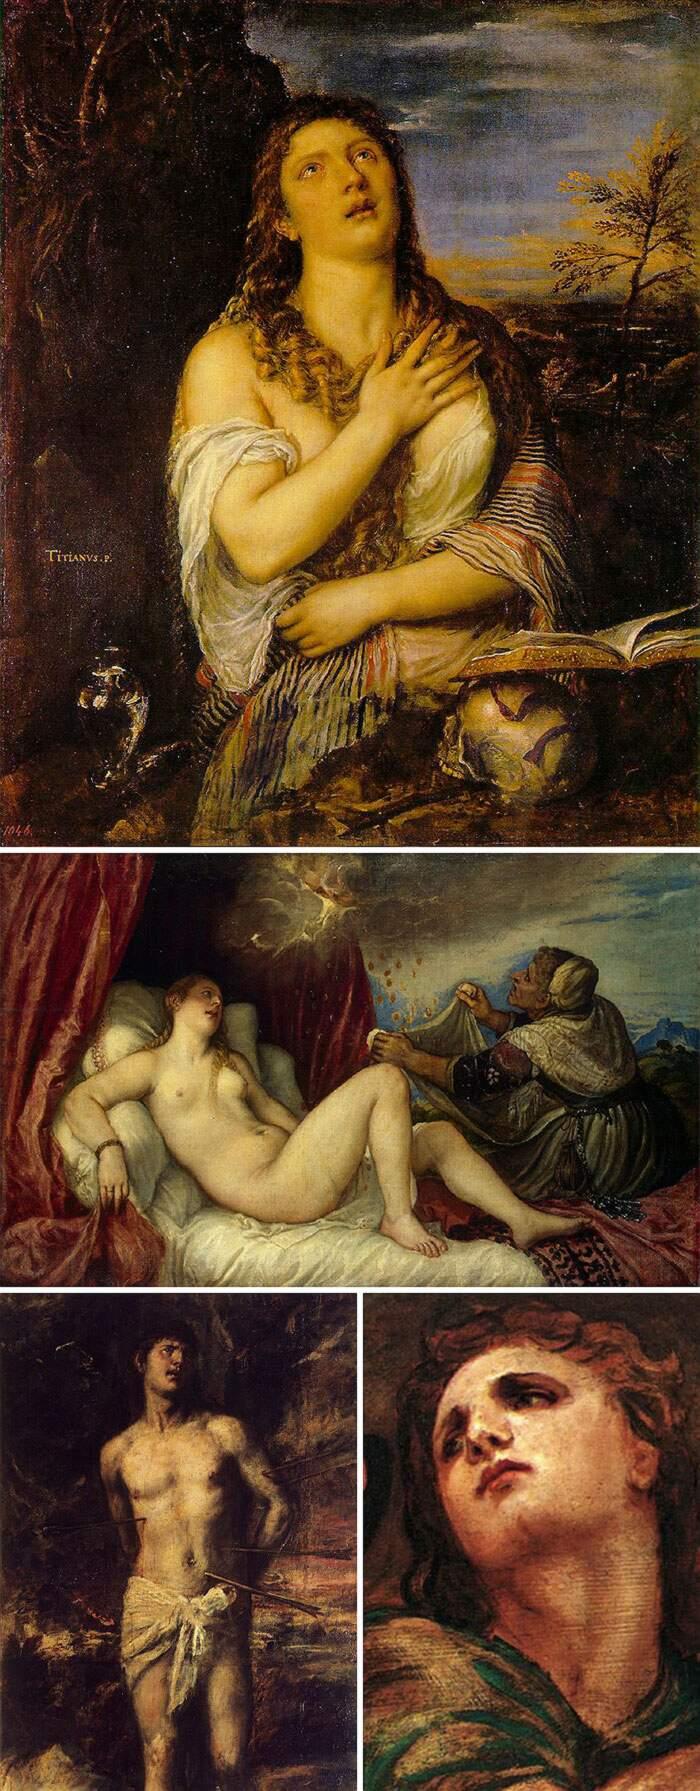 Come riconoscere artisti famosi dai loro quadri, Tiziano Vecellio